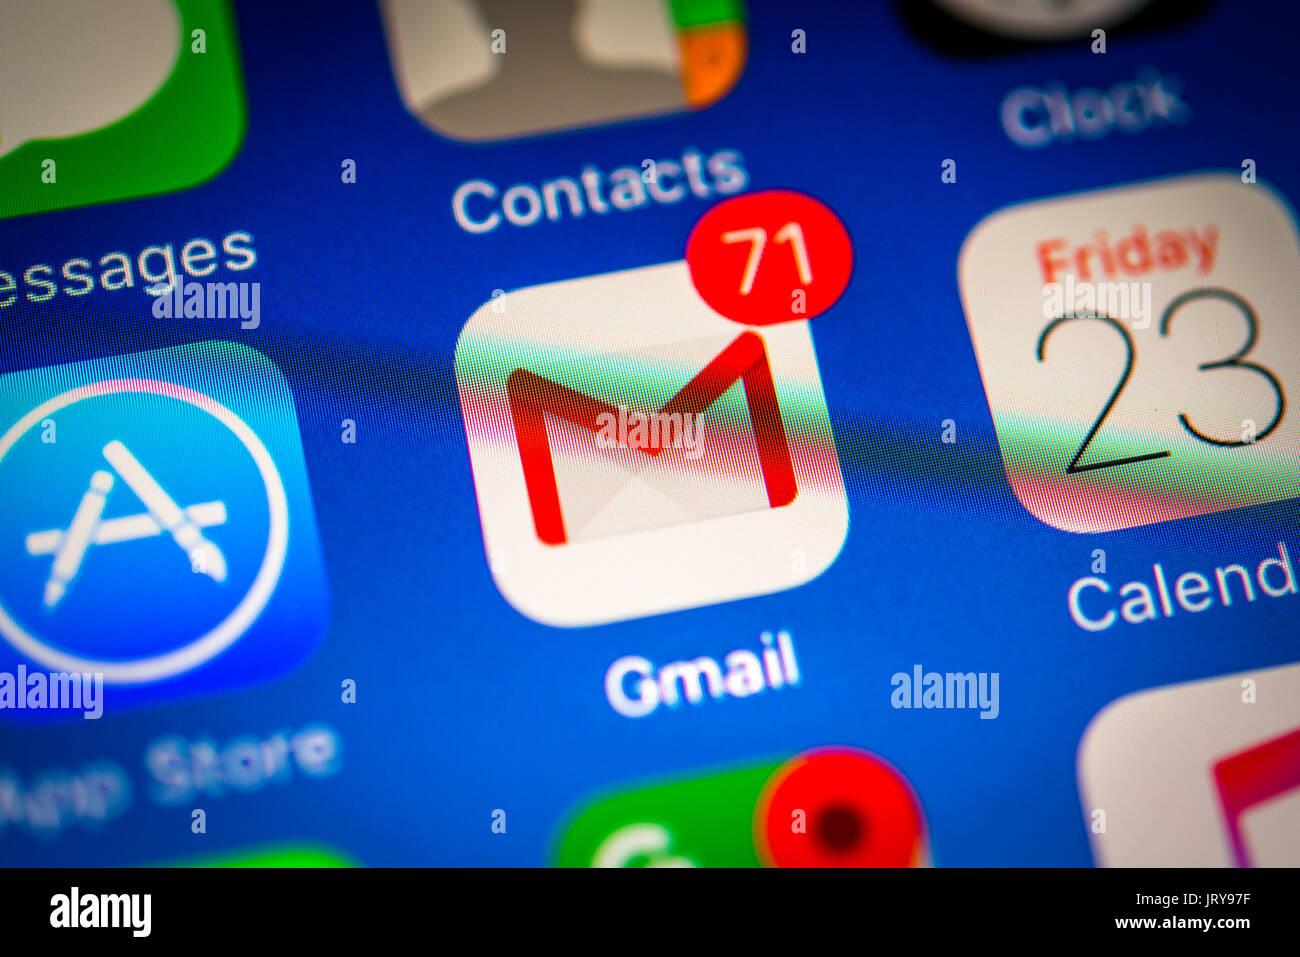 Gmail, Google Mail, Googlemail, e-mail, icona, Logo, schermo, iPhone, molte diverse icone di app, app, telefono cellulare Immagini Stock